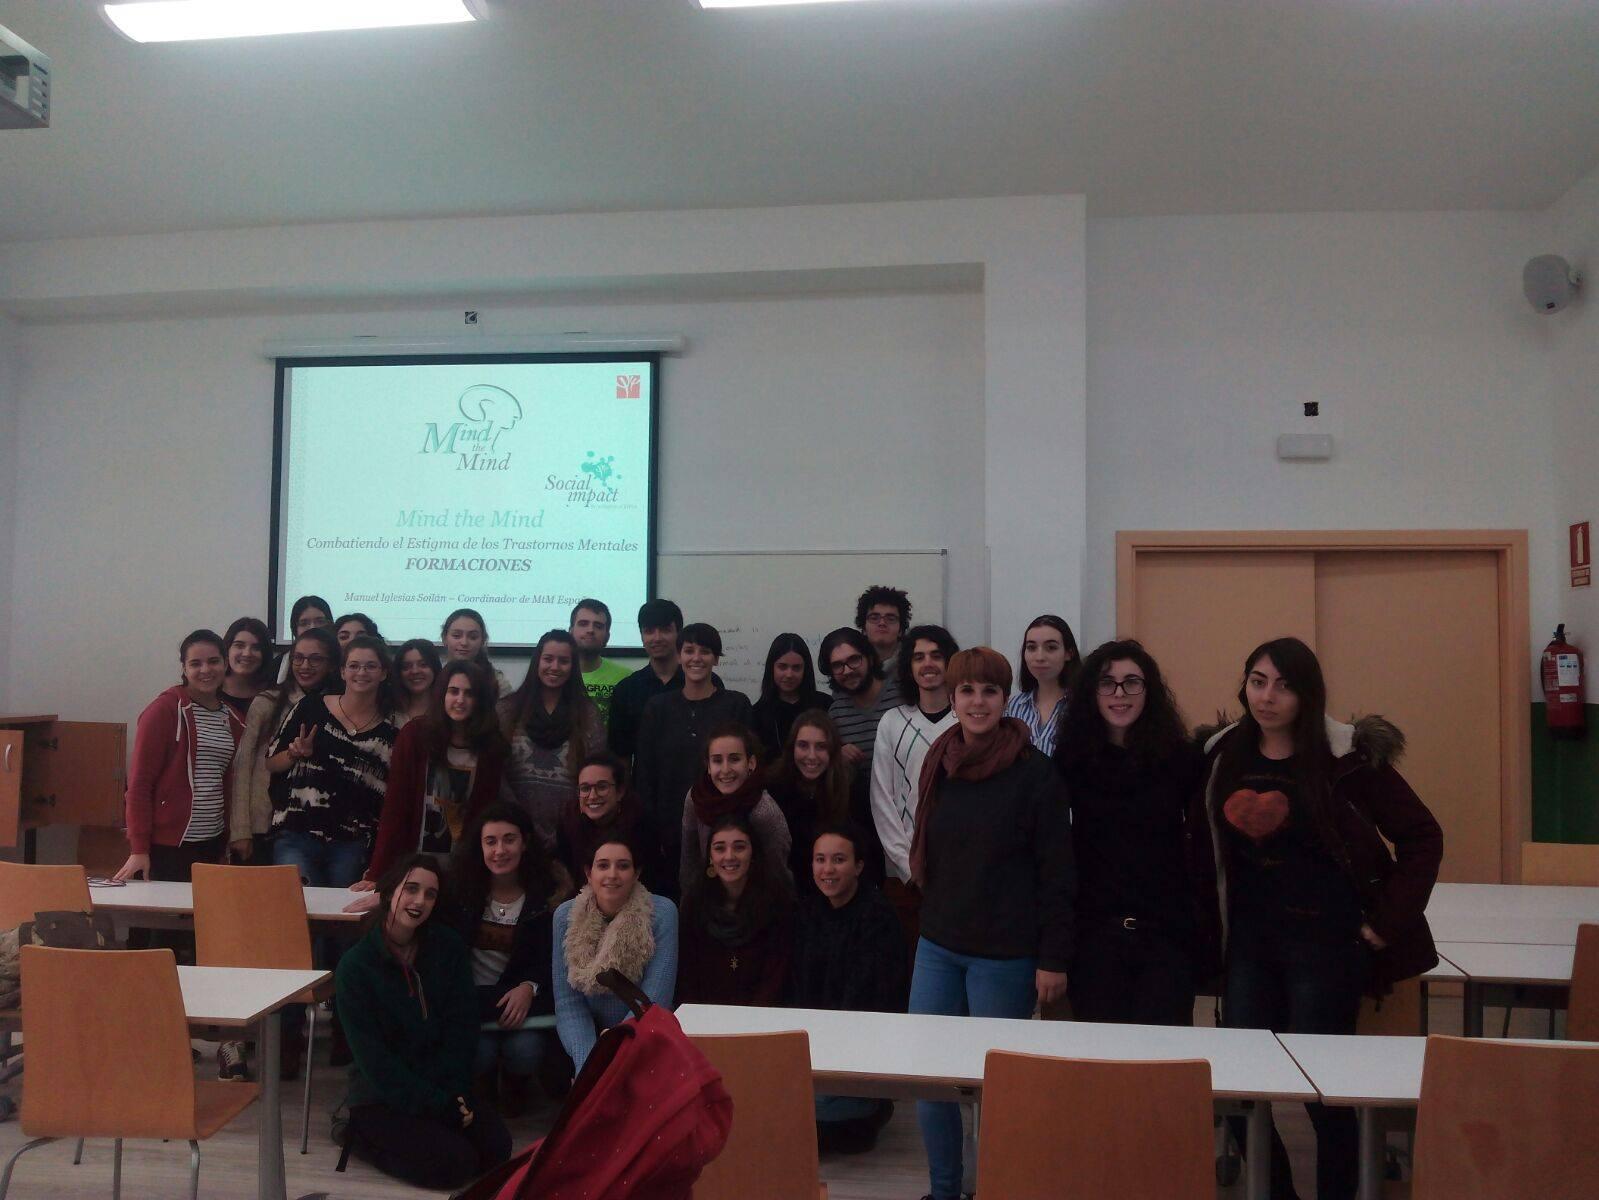 Primer grupo de la Universidad Autónoma de Madrid.